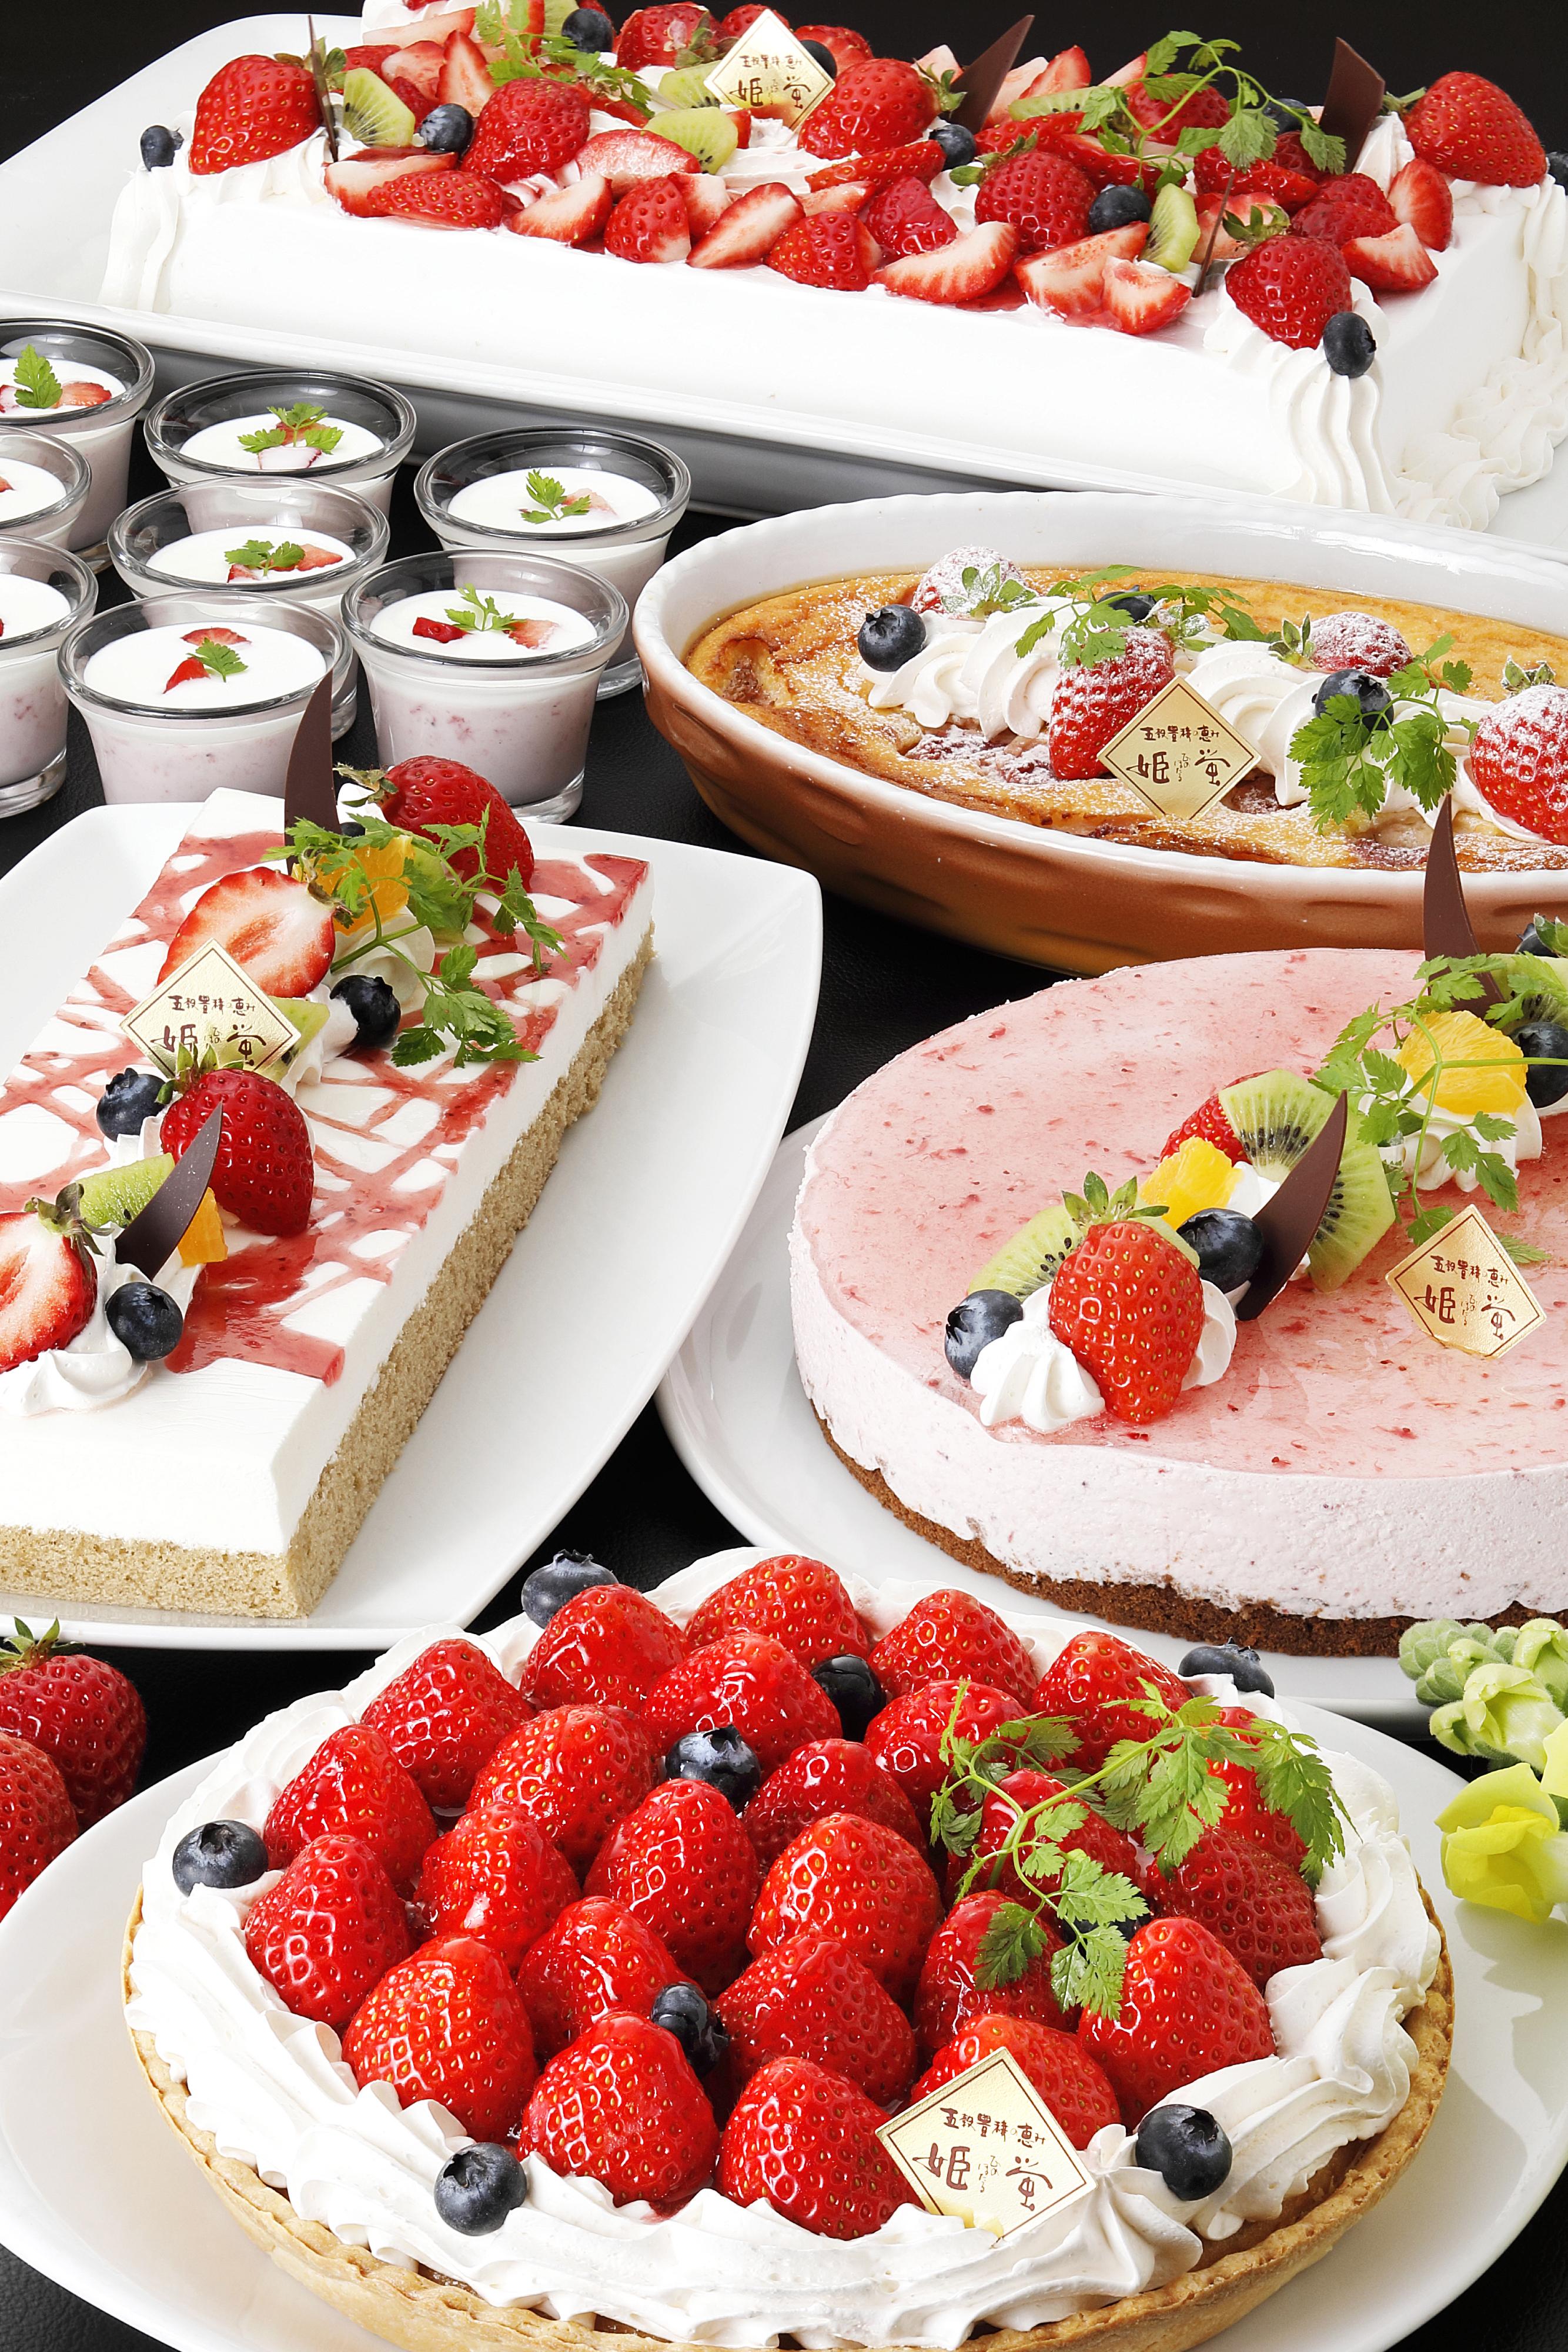 ●3月は、新鮮な朝積み苺を長崎より直送した「苺のスイーツ」が登場!●